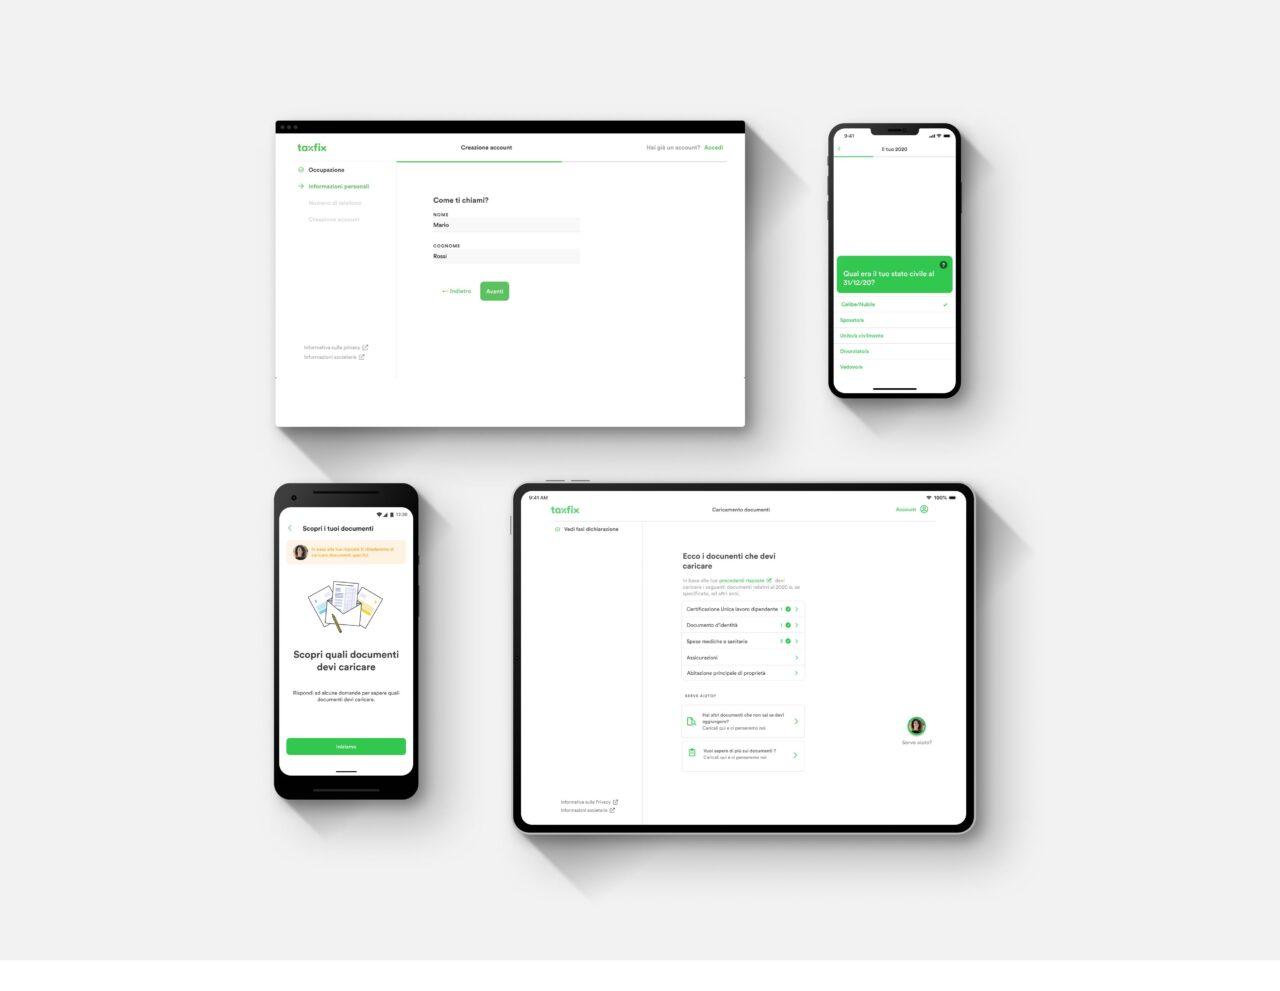 Dichiarazione dei redditi, l'app che vuole eliminare la burocrazia